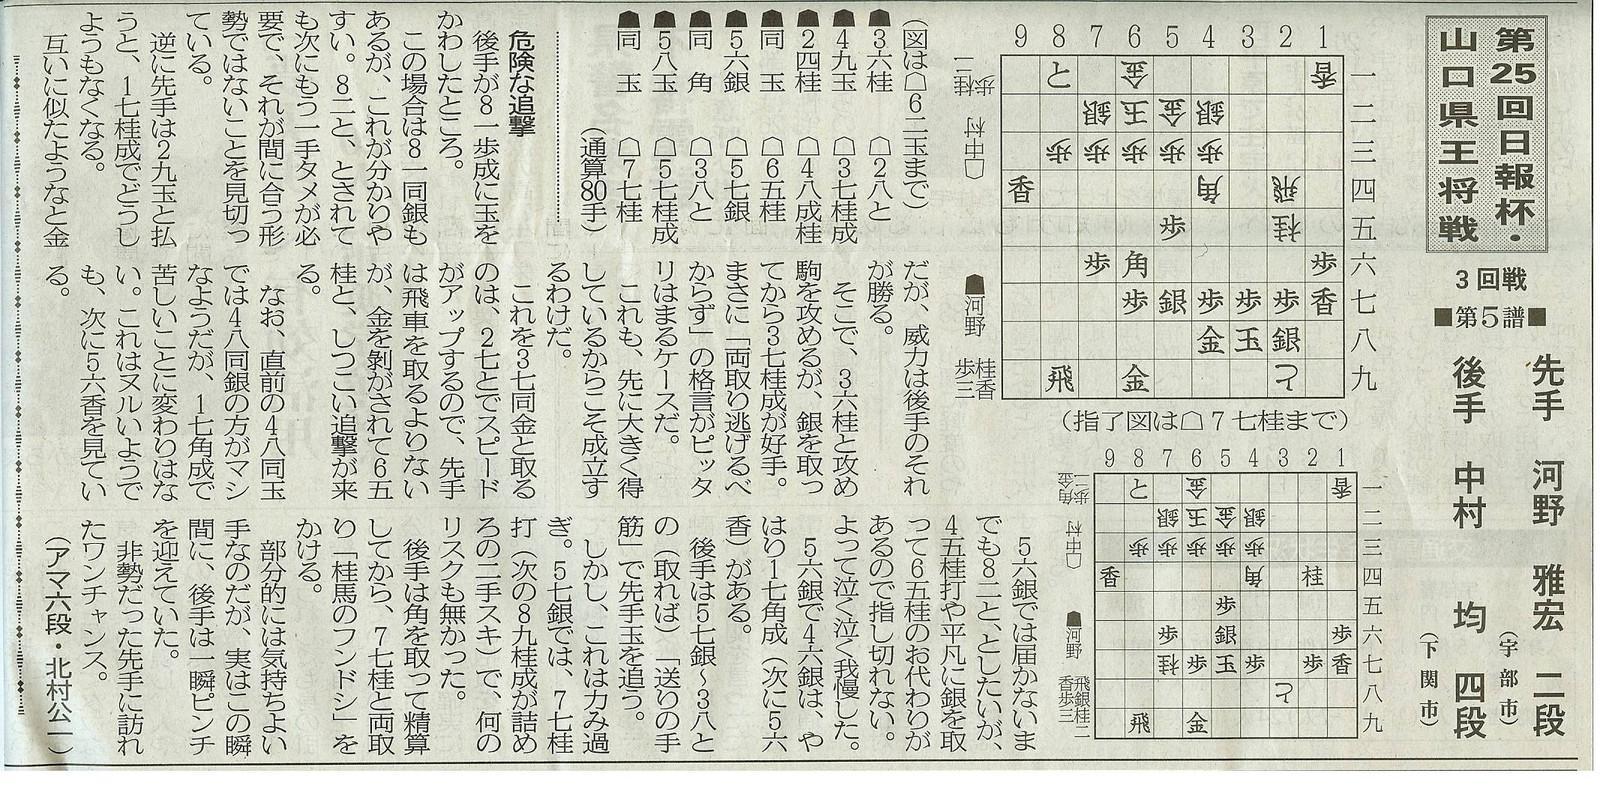 第25回日報杯・山口県王将戦第3回戦■第5譜■